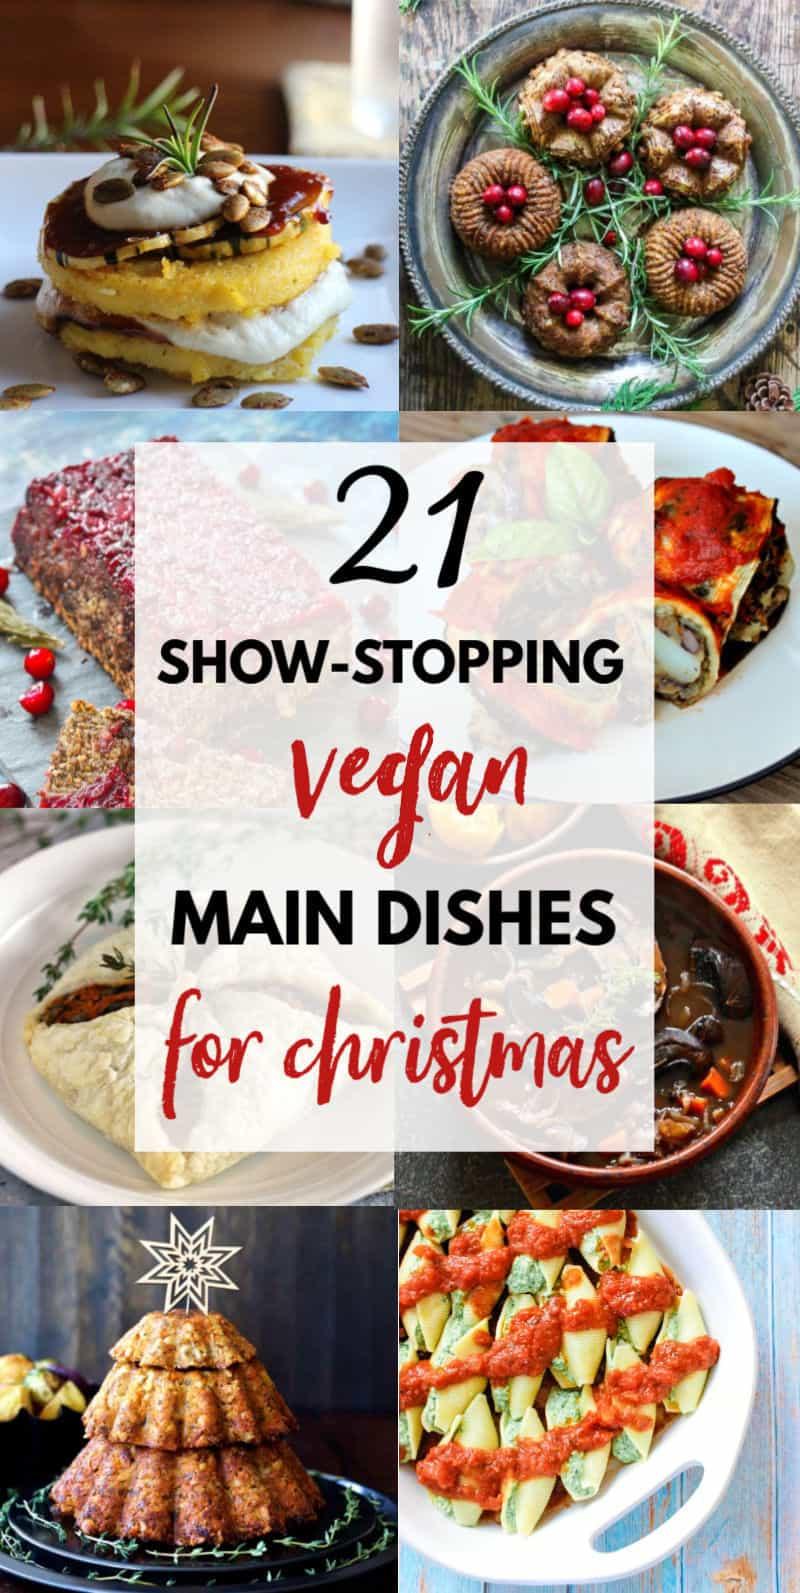 21 show stopping vegan main dishes for Christmas dinner | Vegan Runner Eats